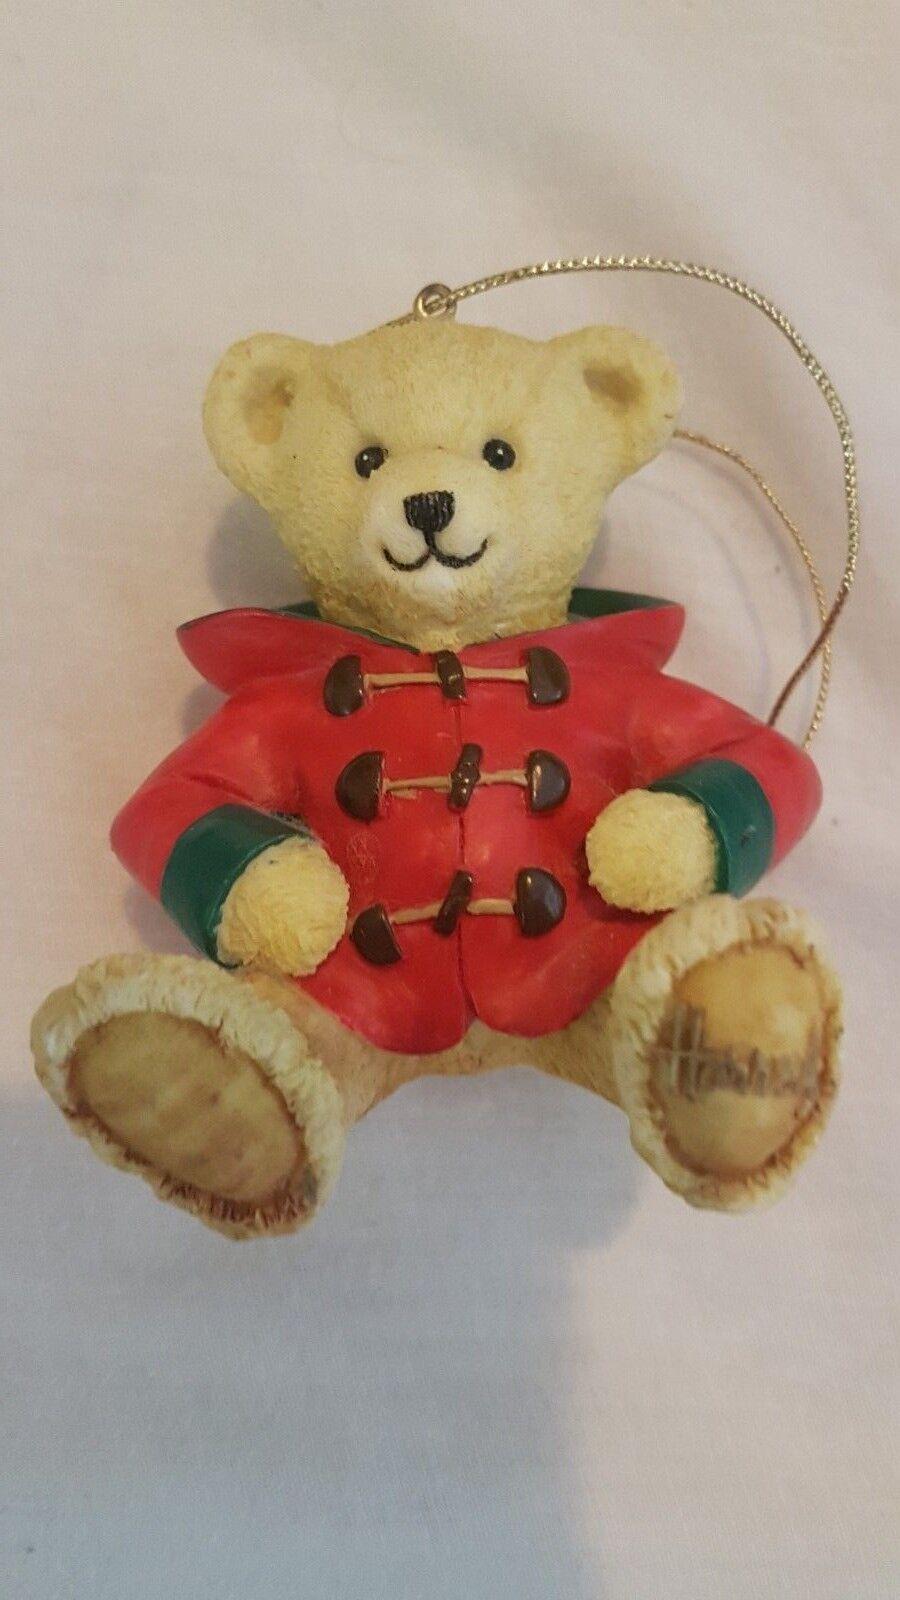 BN Harrods Resin Bear Christmas 2003 - William William William c8e36b